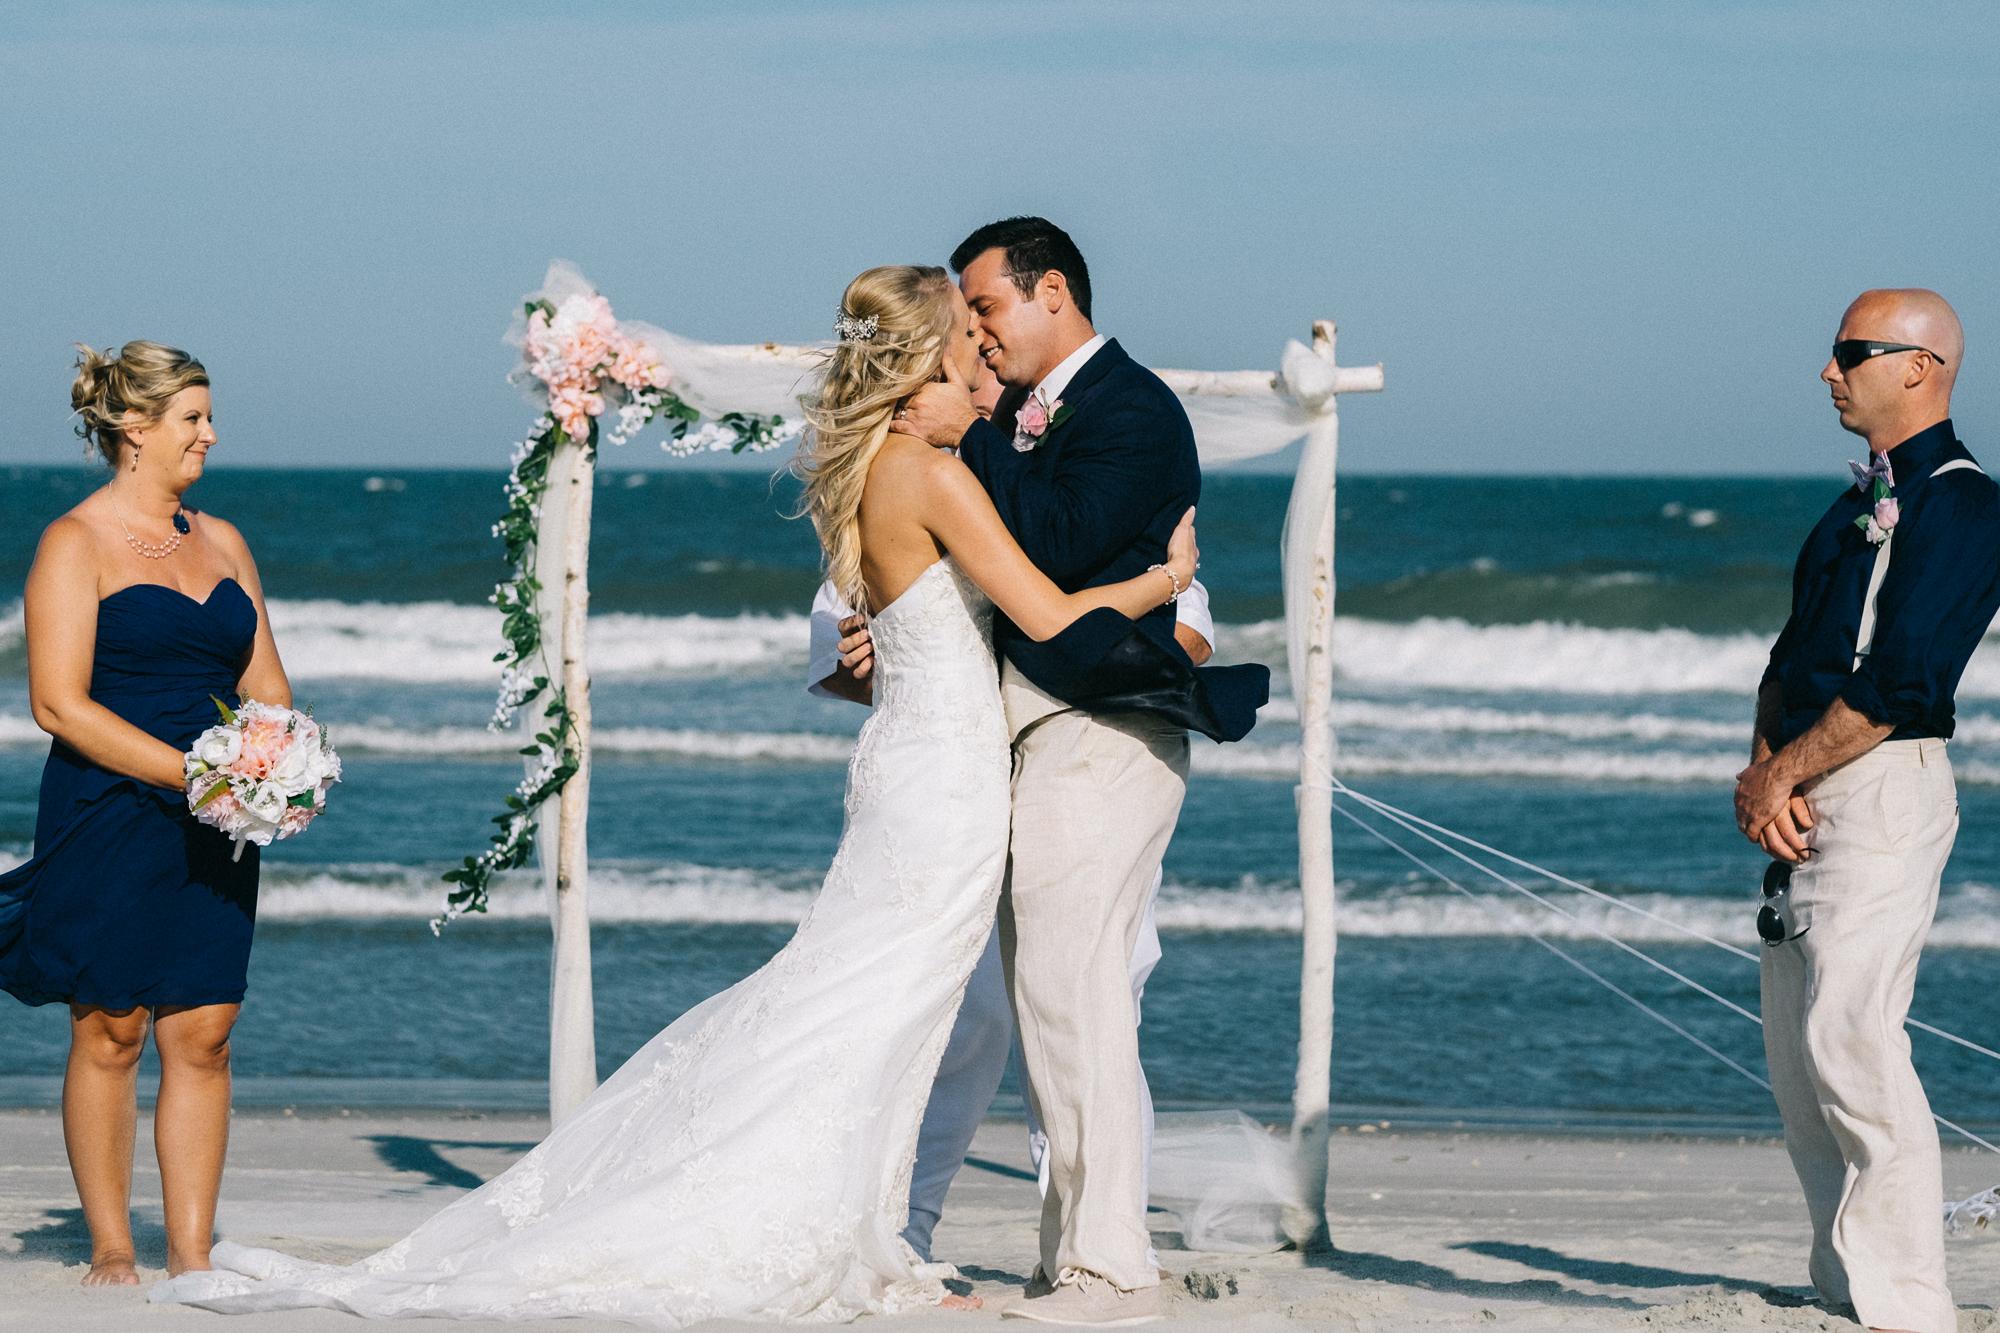 Trisha-Ryan-wedding-blog-33.jpg